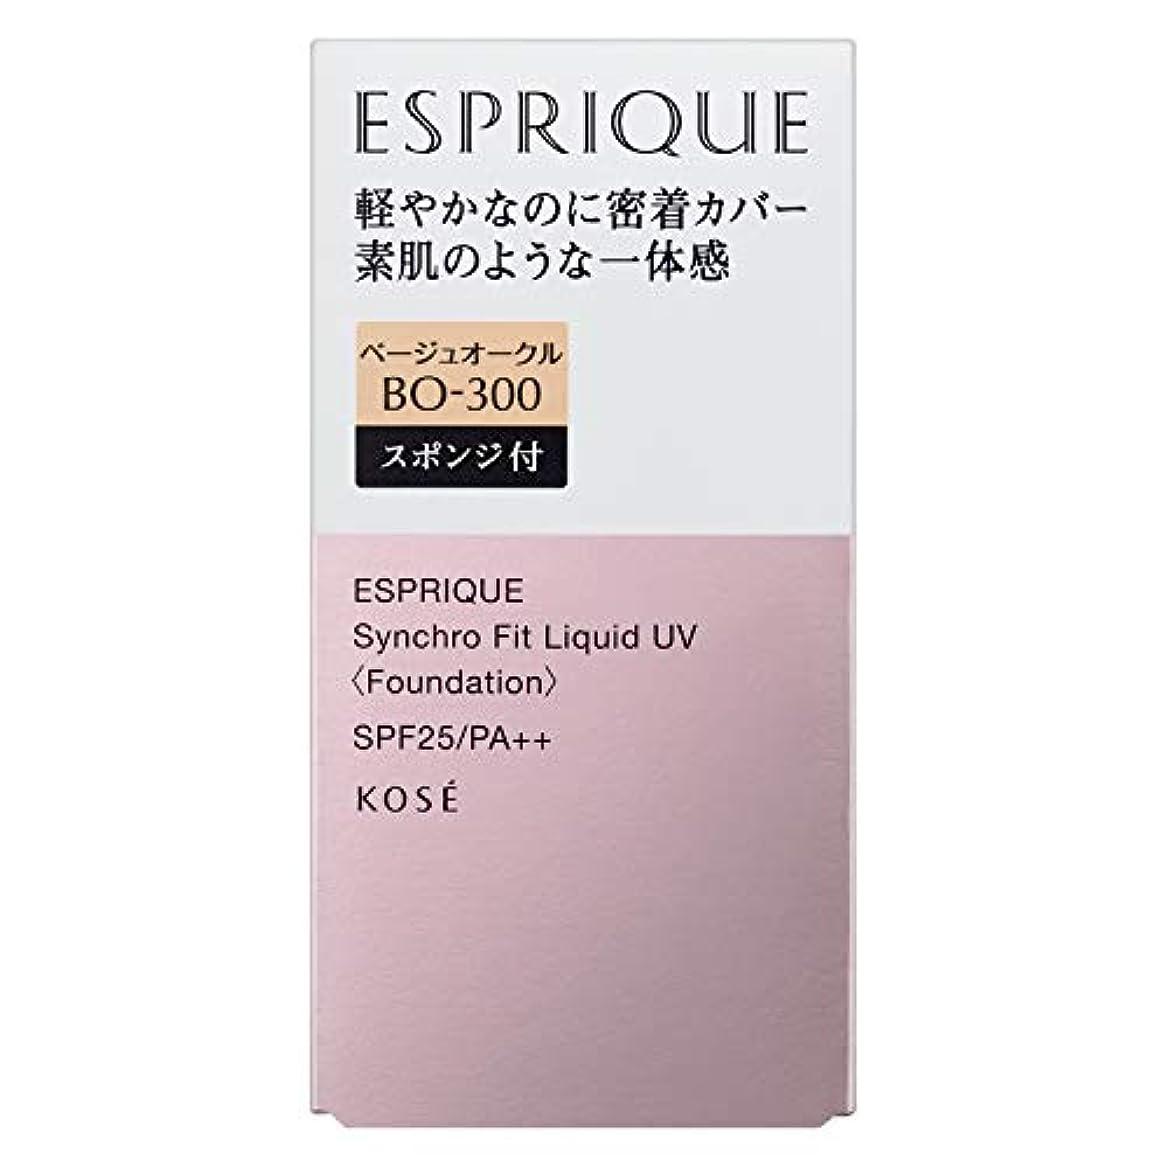 緊張攻撃的誤ESPRIQUE(エスプリーク) エスプリーク シンクロフィット リキッド UV ファンデーション 無香料 BO-300 ベージュオークル 30g